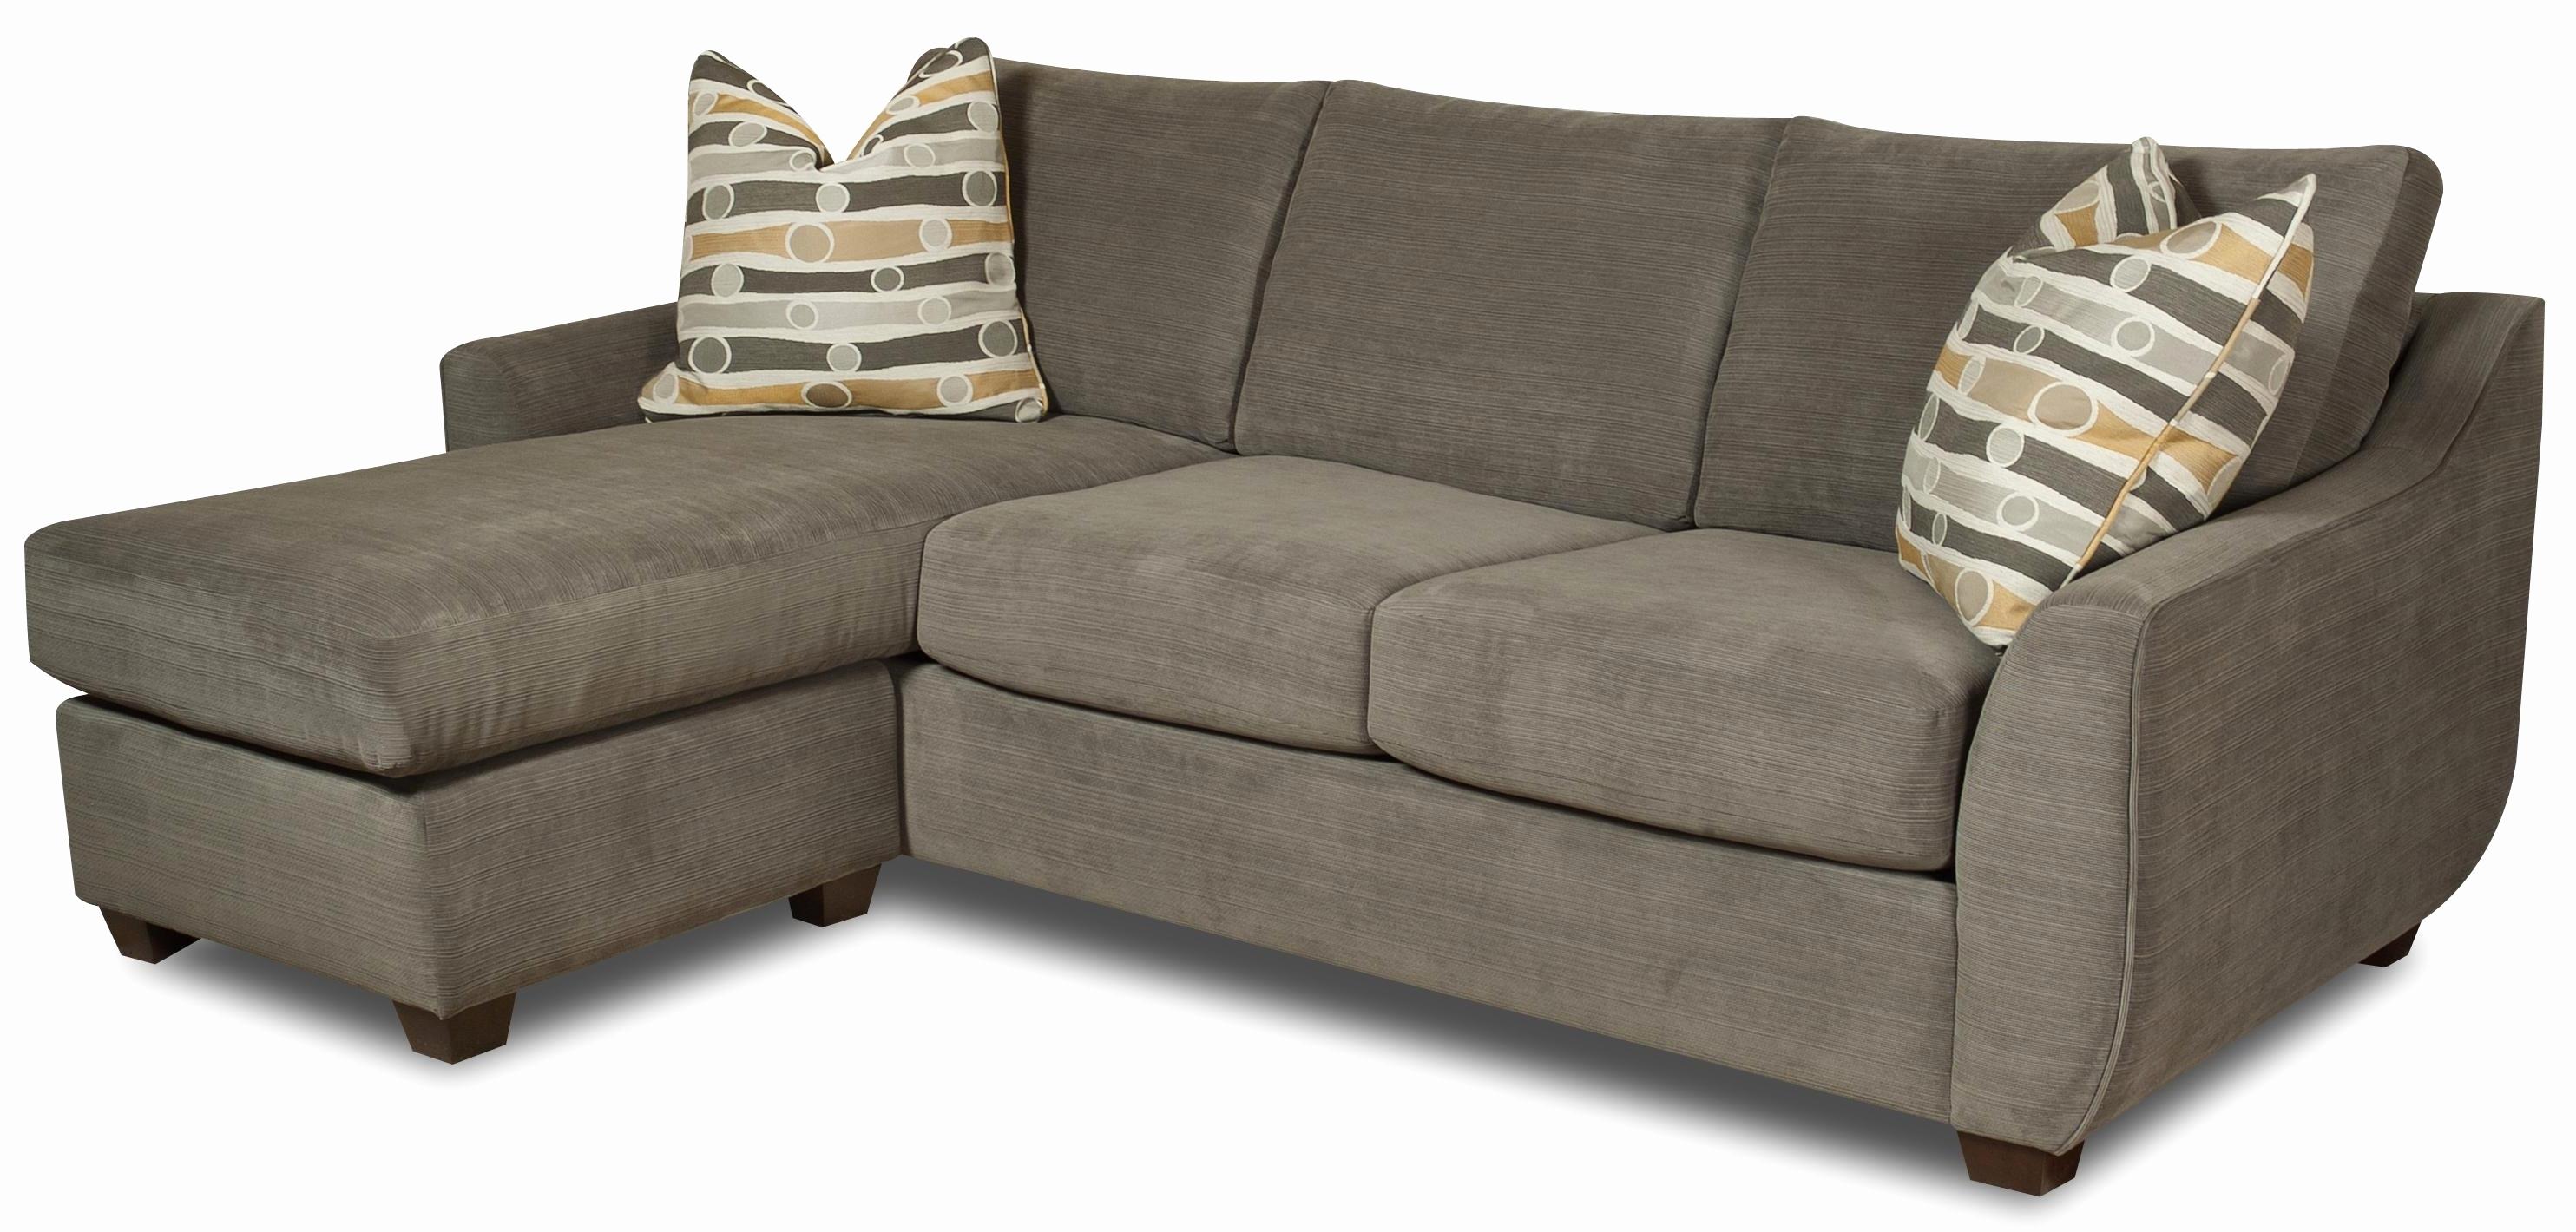 Furniture : Convertible Sectional Sleeper Sofa Elegant Bauhaus In Regarding Newest Elegant Sectional Sofas (View 4 of 20)